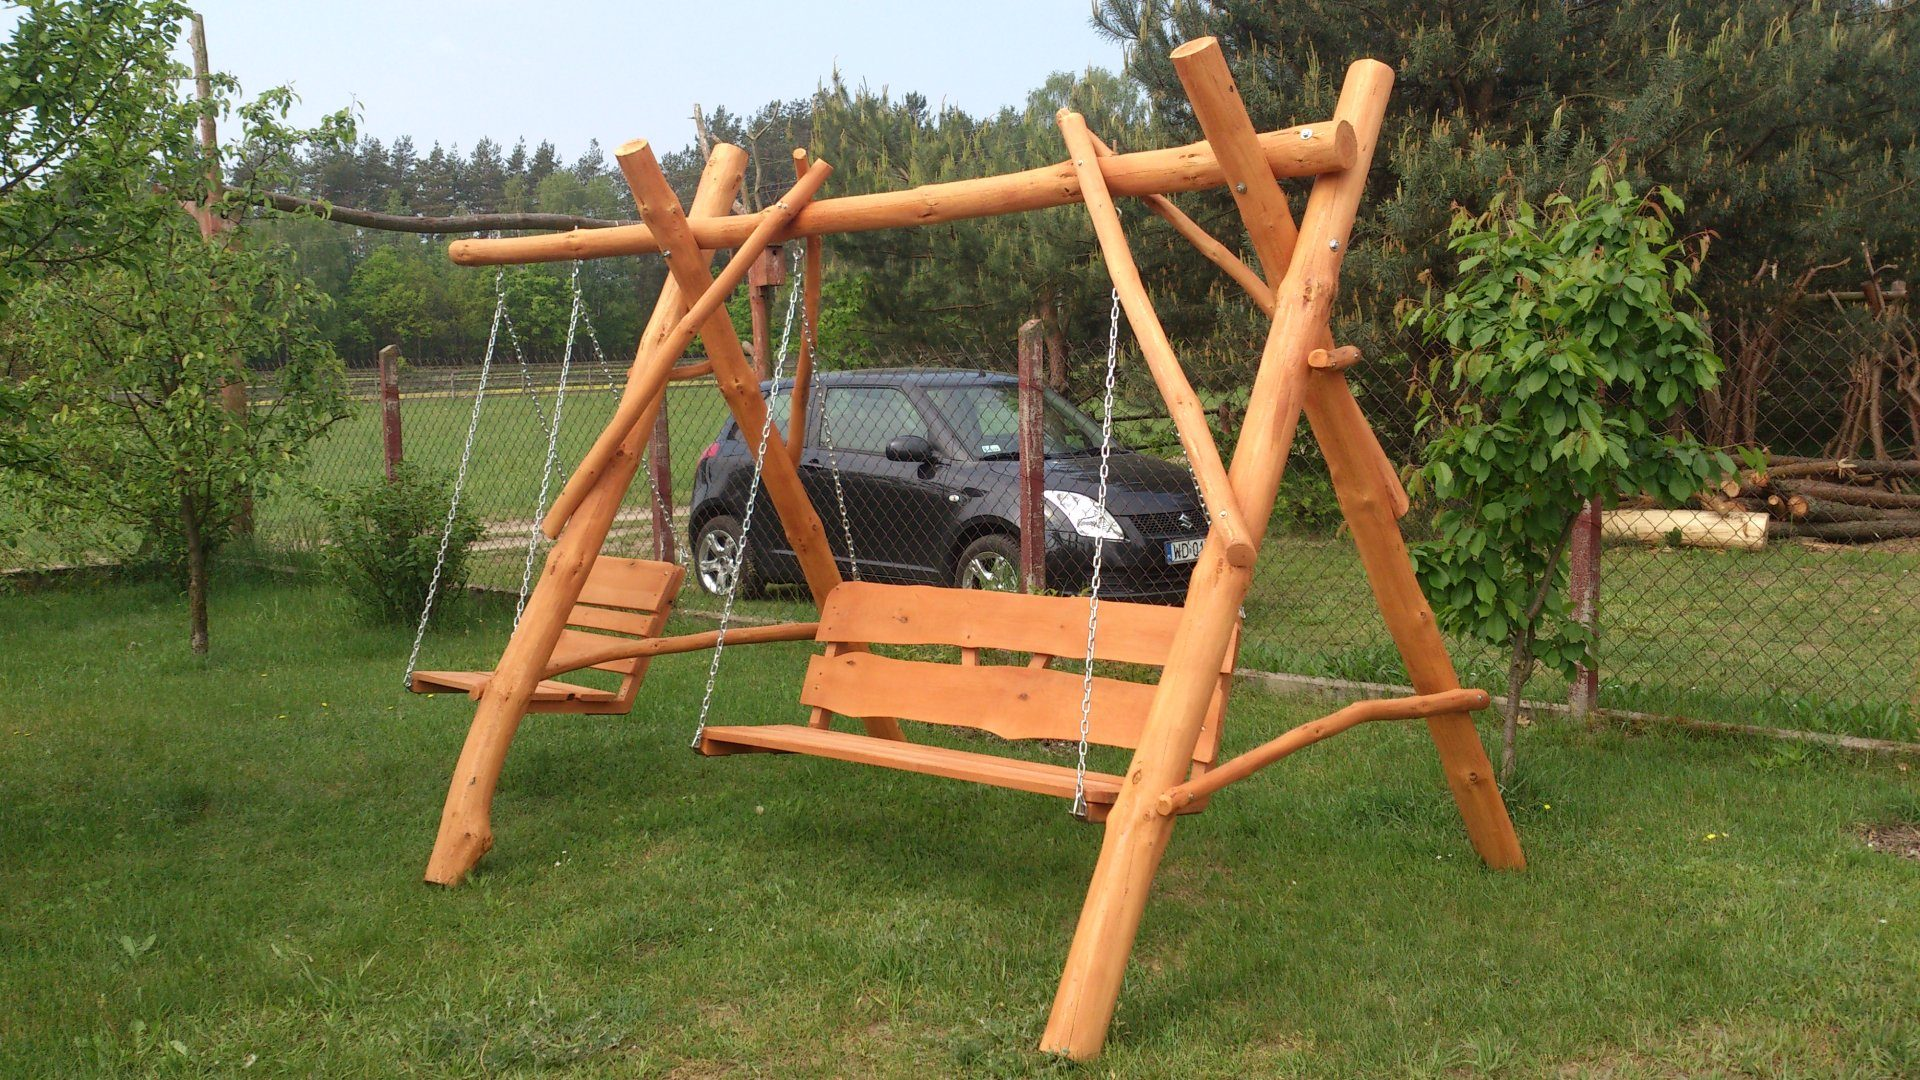 Drewniane huśtawki ogrodowe  FabrykaDrewnapl  Meble ogrodowe